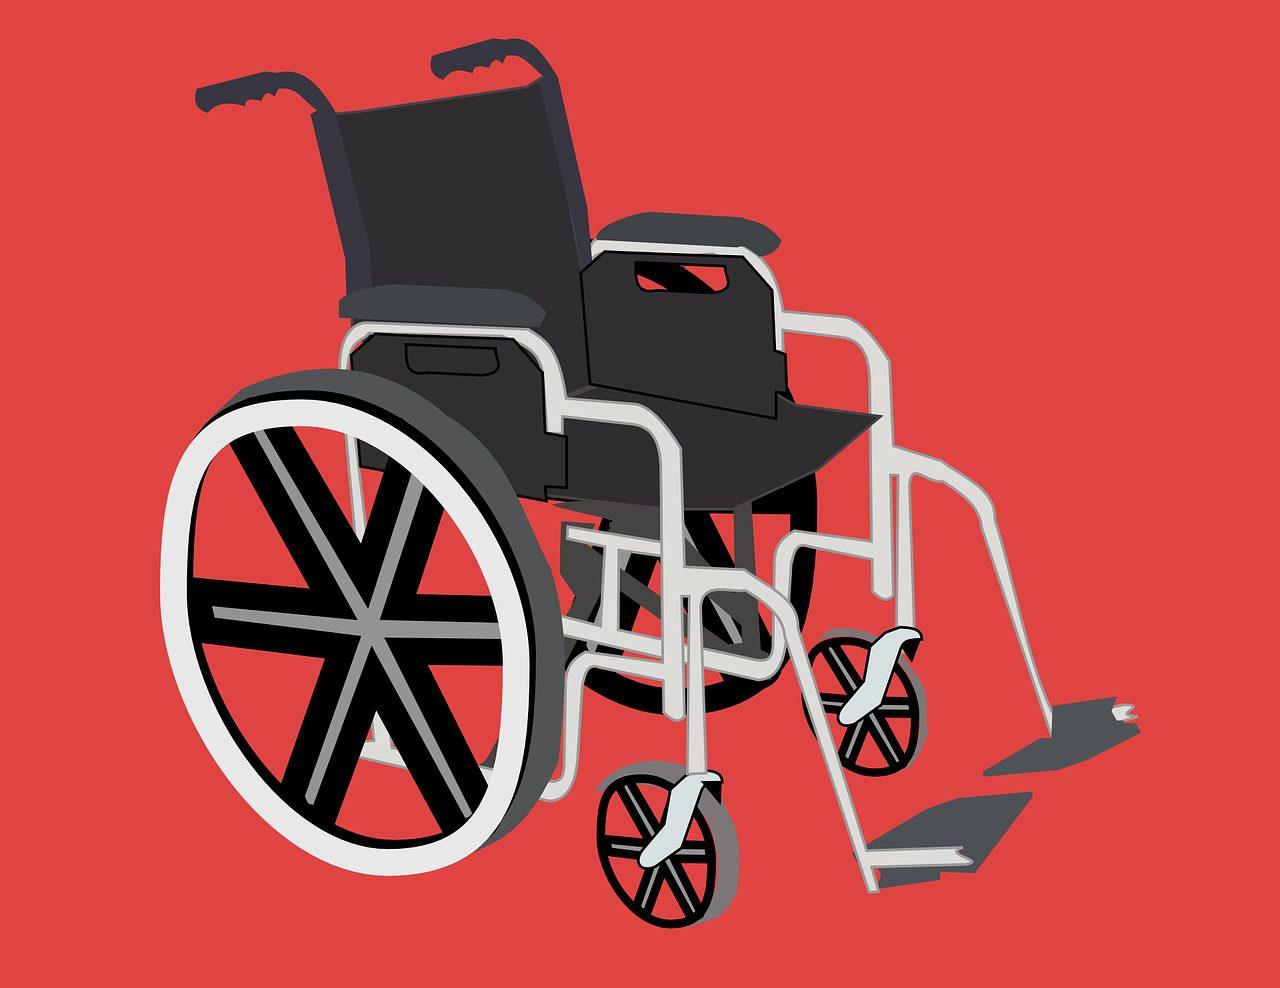 Gezinshuis de Vlerken Ervaren instelling gehandicaptenzorg verstandelijk gehandicapten